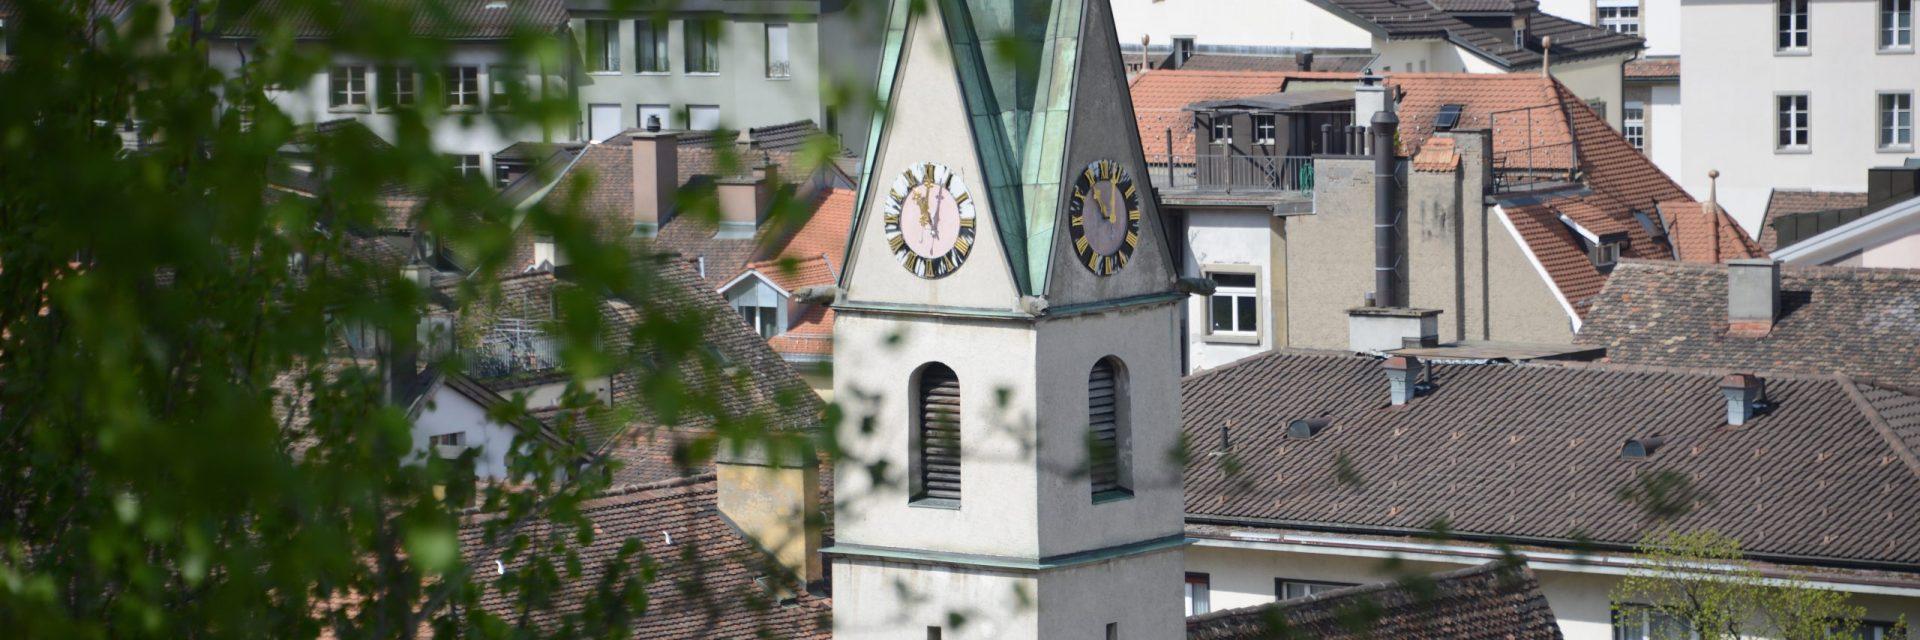 Regula, Kirchen, Frühling